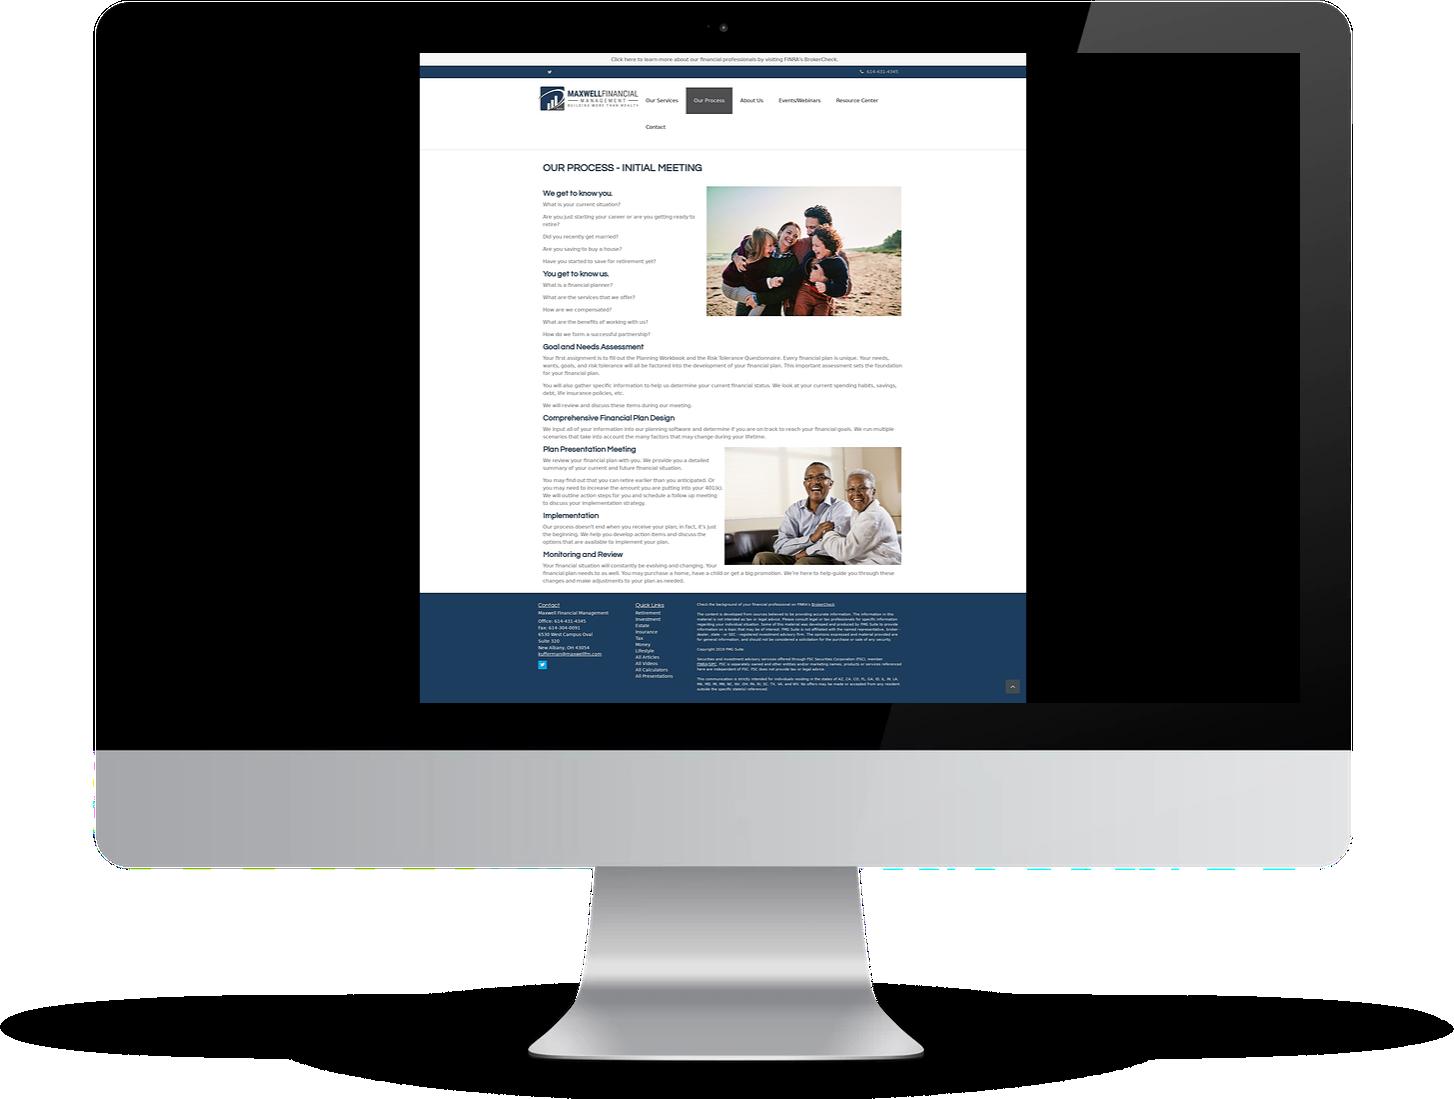 template-based advisor website